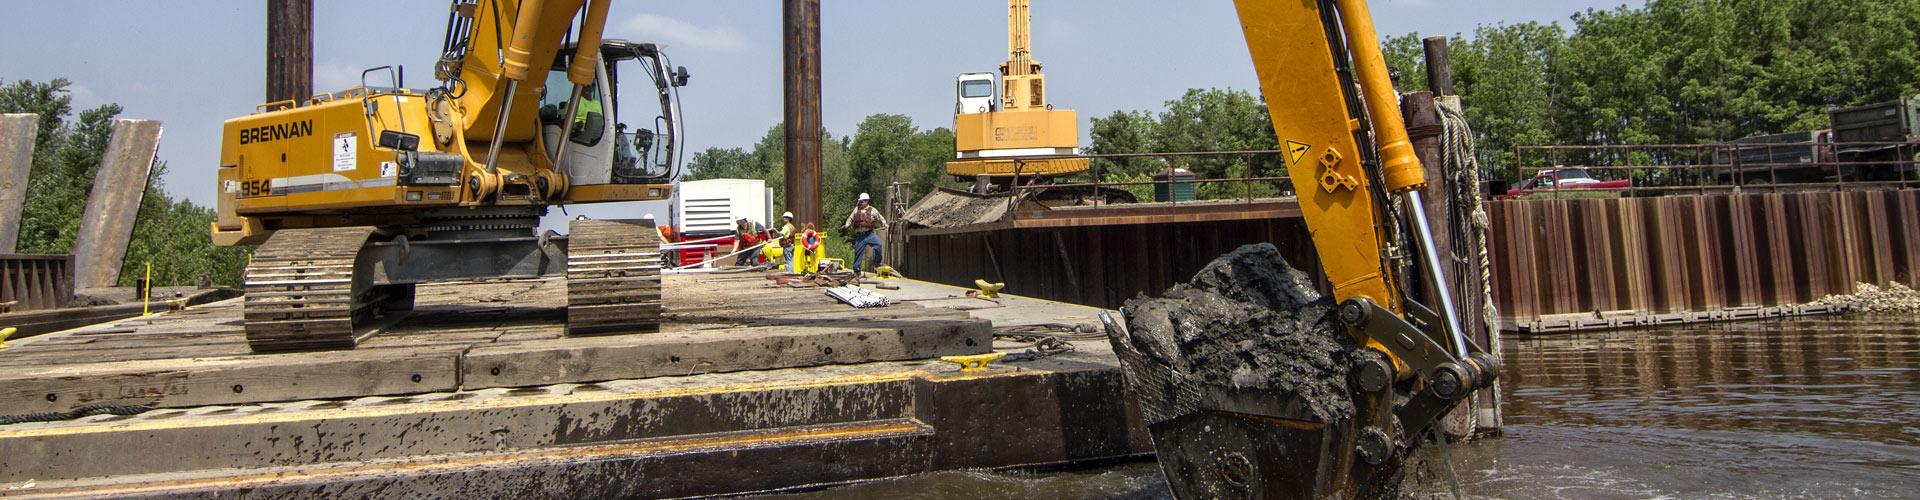 marine construction, dredging, mechanical dredging, dock dredging, barge terminal dredging, access dredging